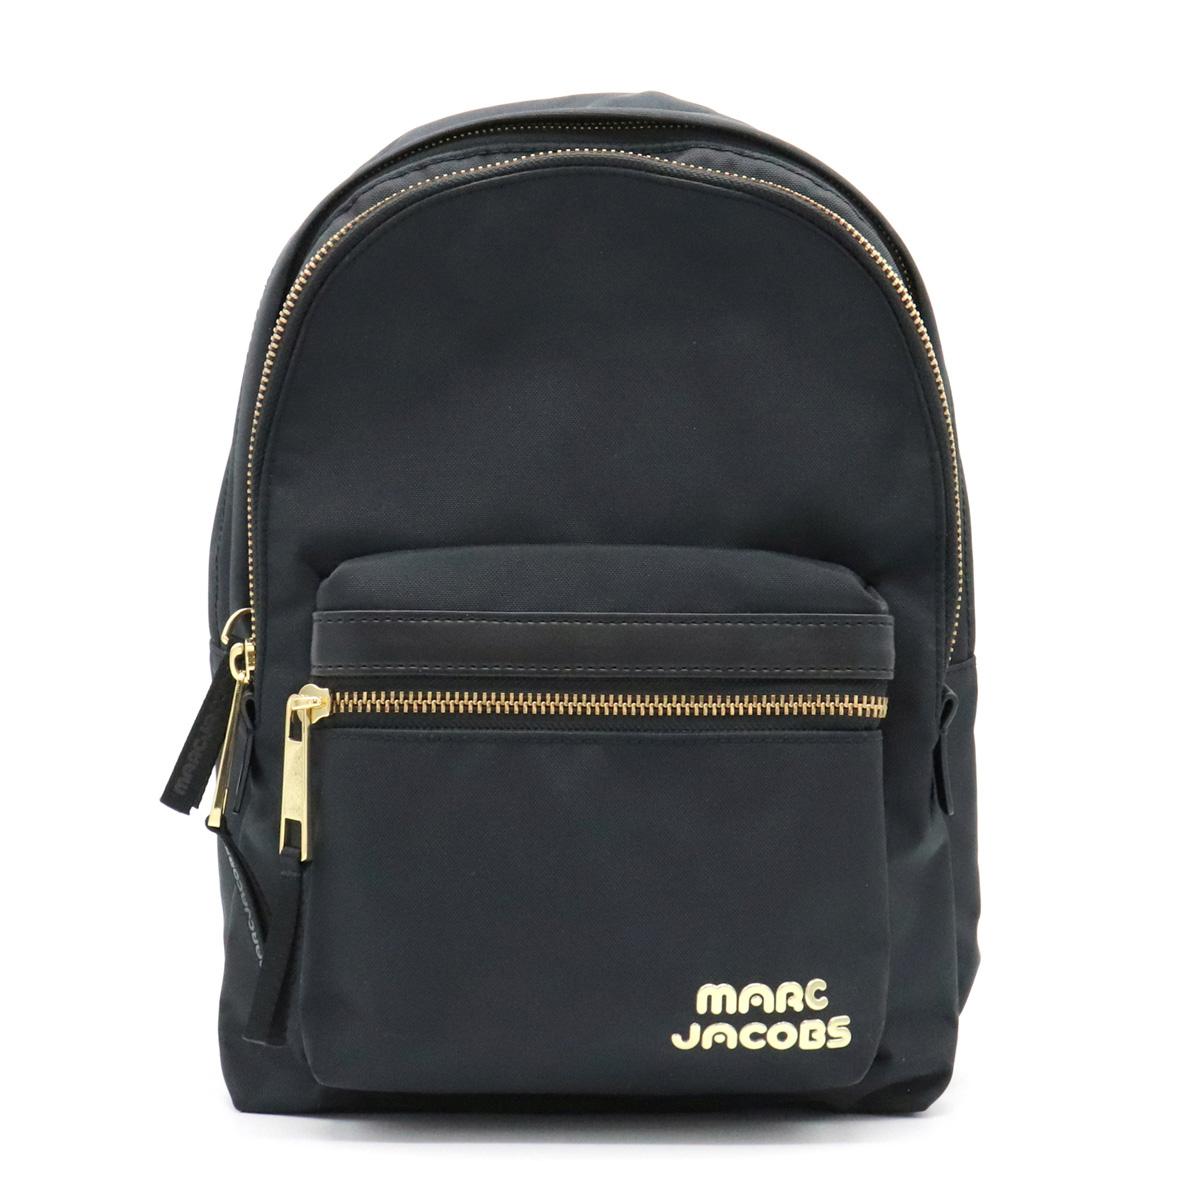 【バッグ】MARC JACOBS マーク ジェイコブス バックパック リュック デイパック ナイロンキャンバス レザー ブラック 黒 ゴールド金具 M0014031-001 【中古】